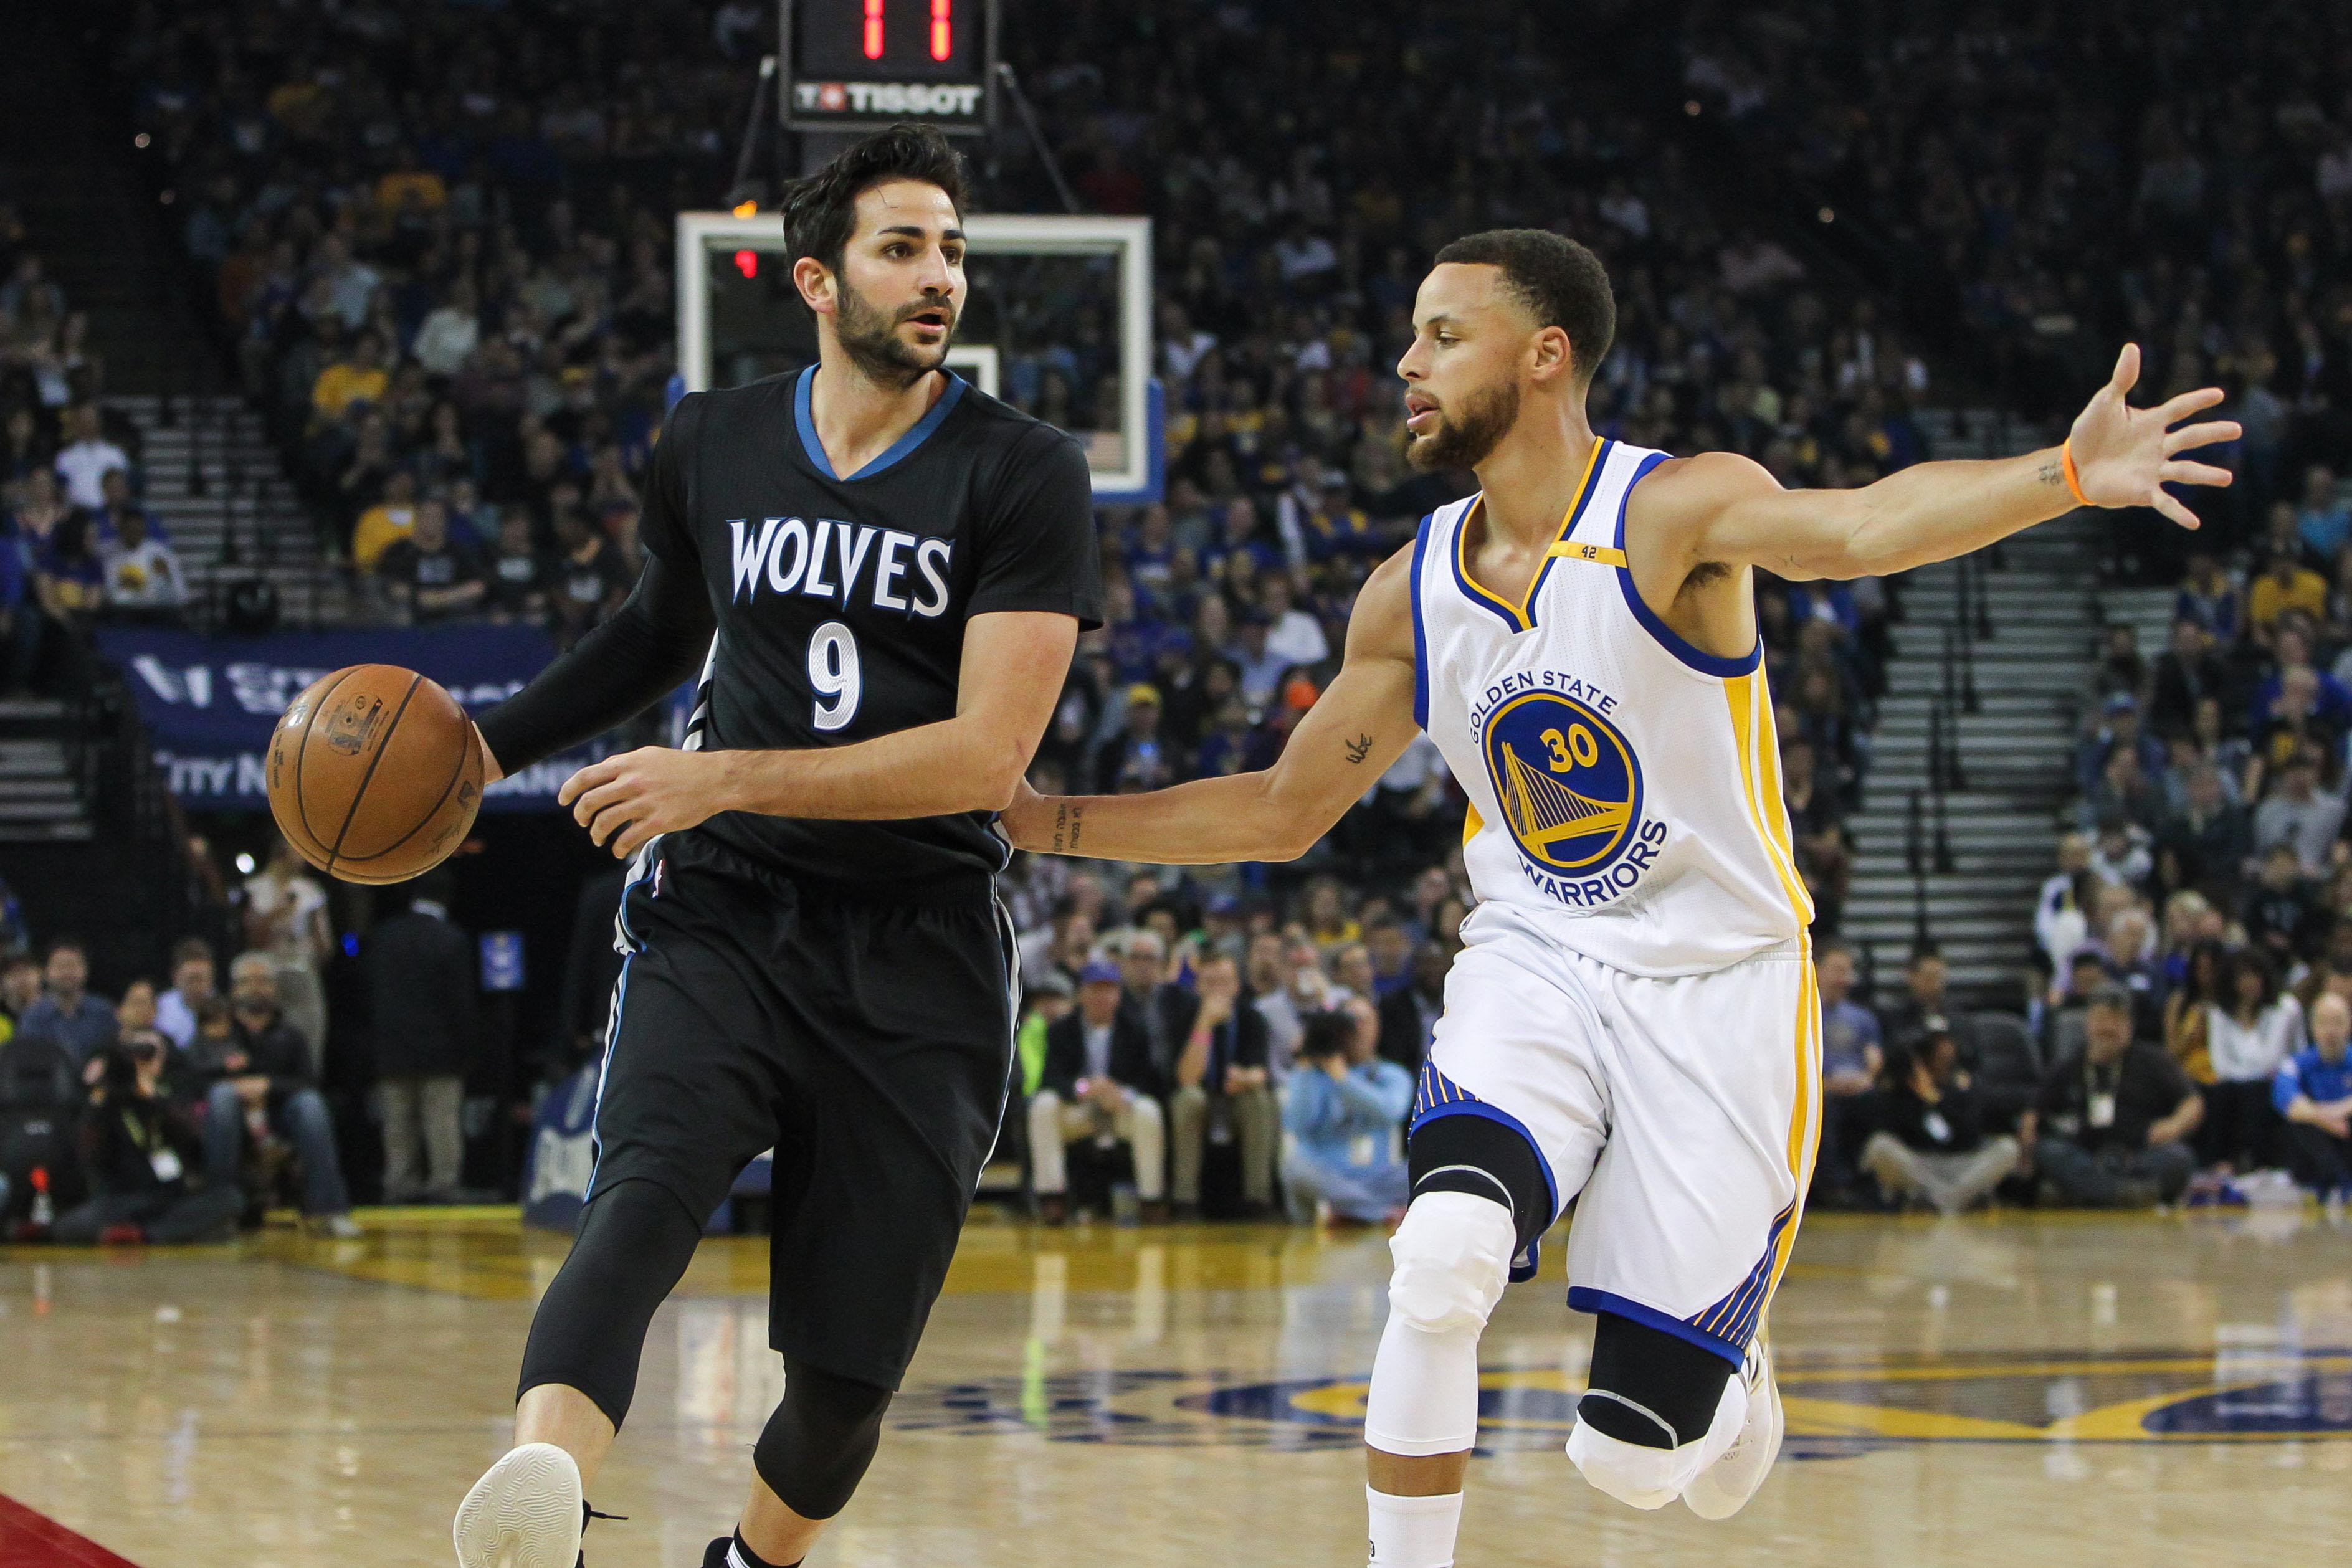 Minnesota Timberwolves: Ricky Rubio 2016-17 season review